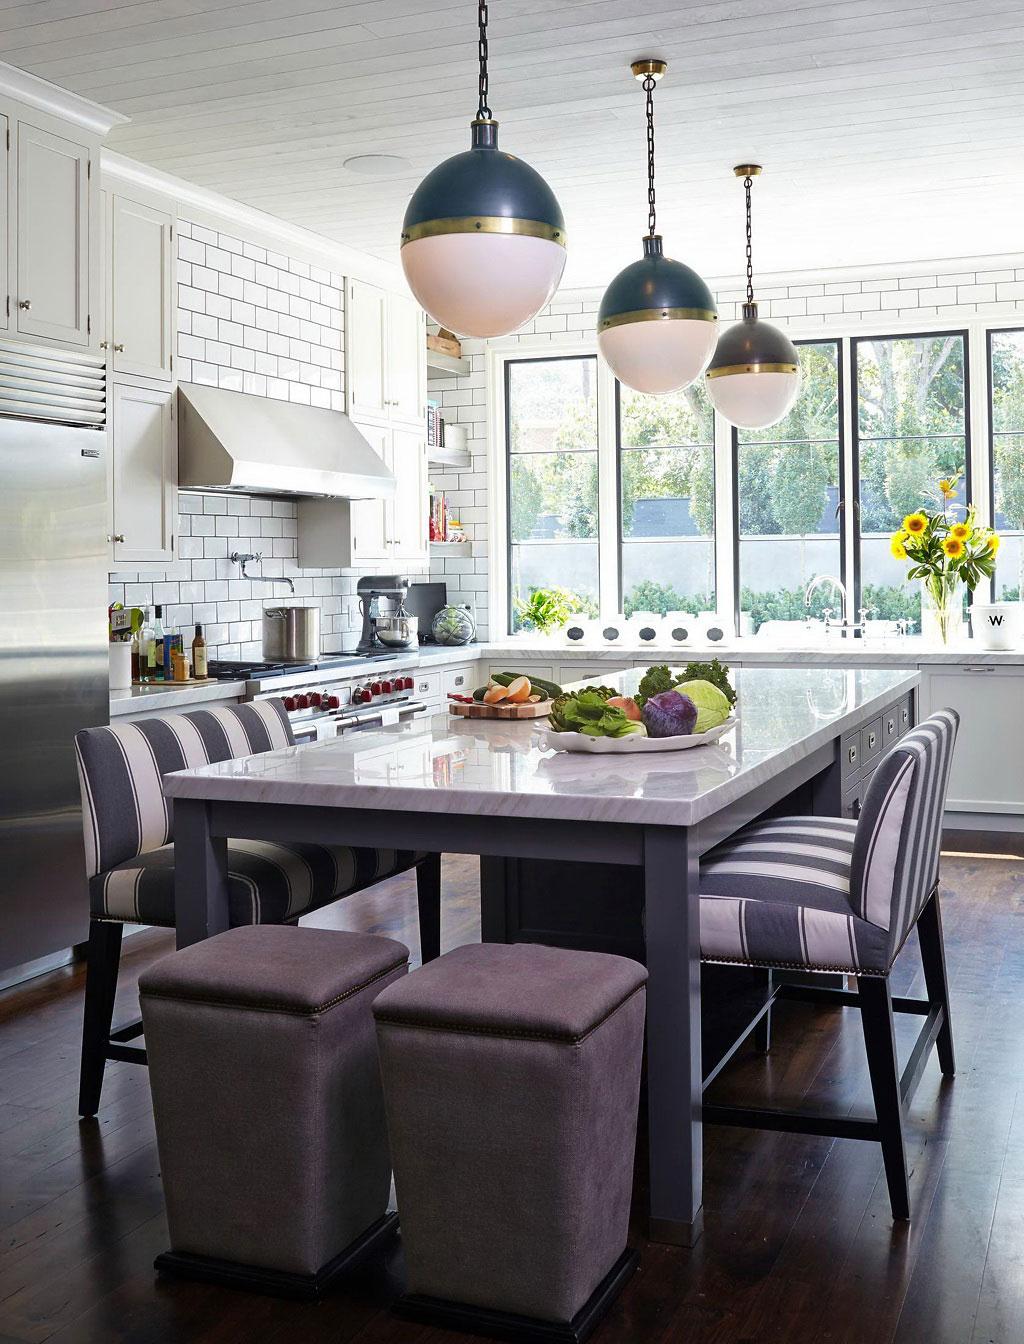 Дизайн кухонного фартука плиткой в сочетании с мраморной столешницей